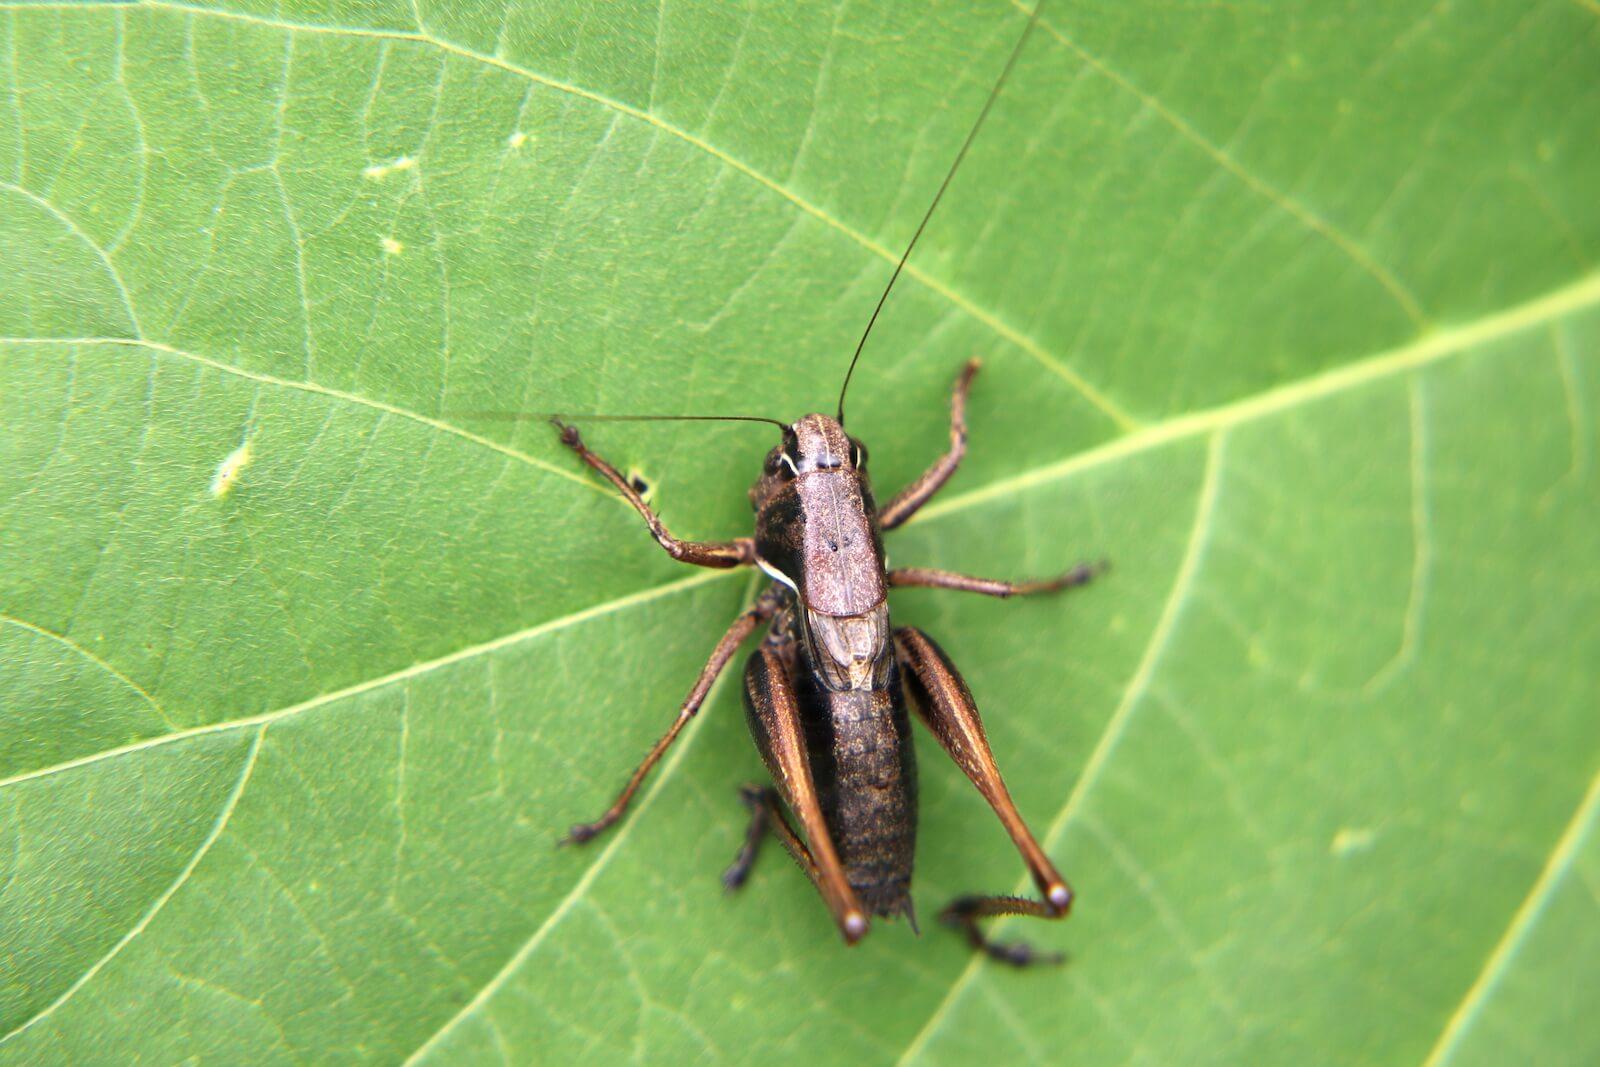 コバネヒメギス〜ヒメギスの幼虫と似るが、小さな翅(翅芽)があるので見分けられる